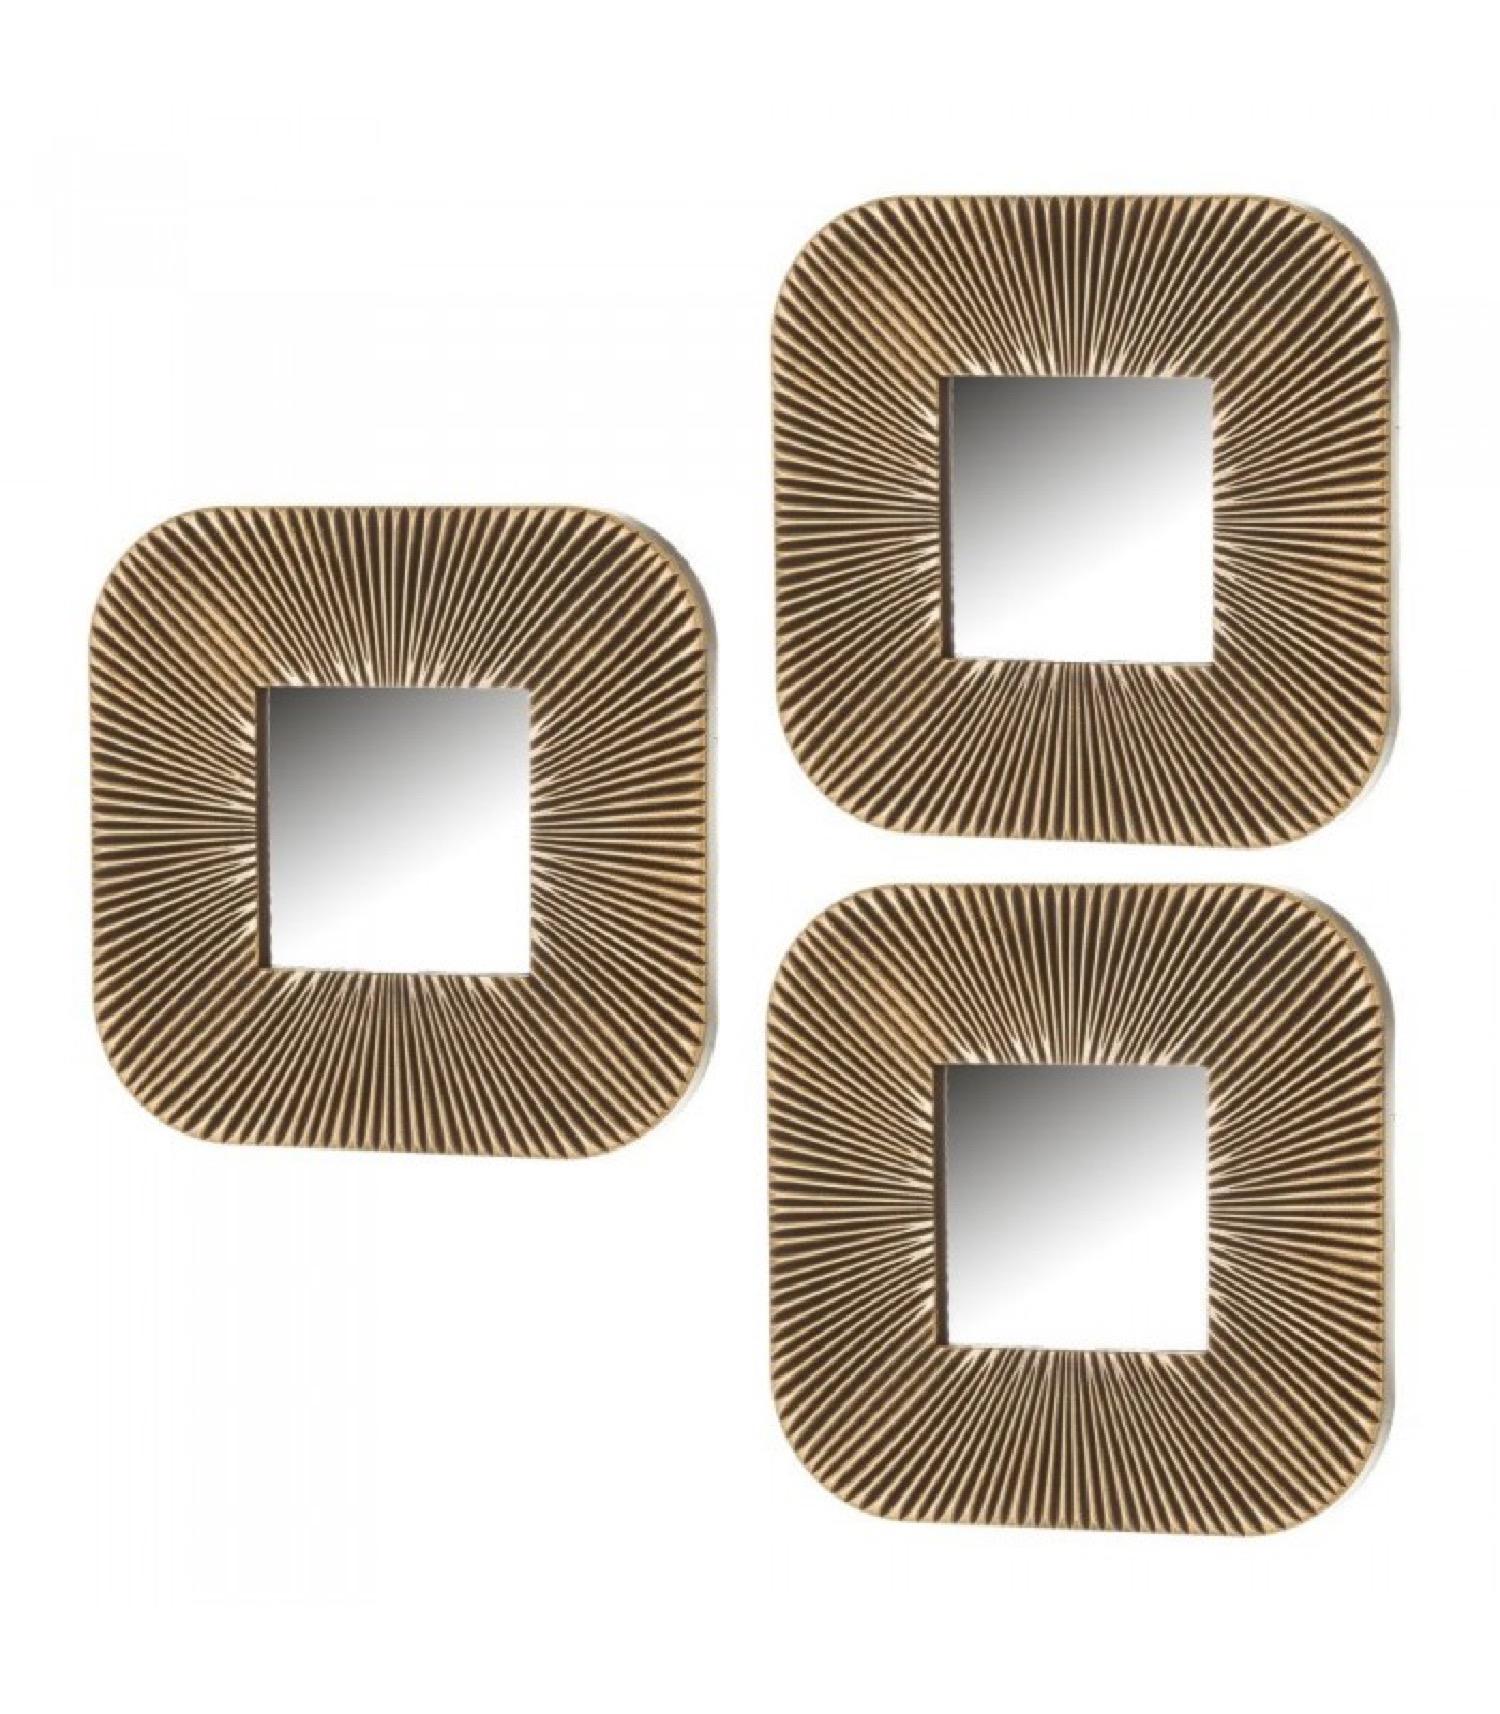 Set de 3 miroirs carrés dorés 25x25